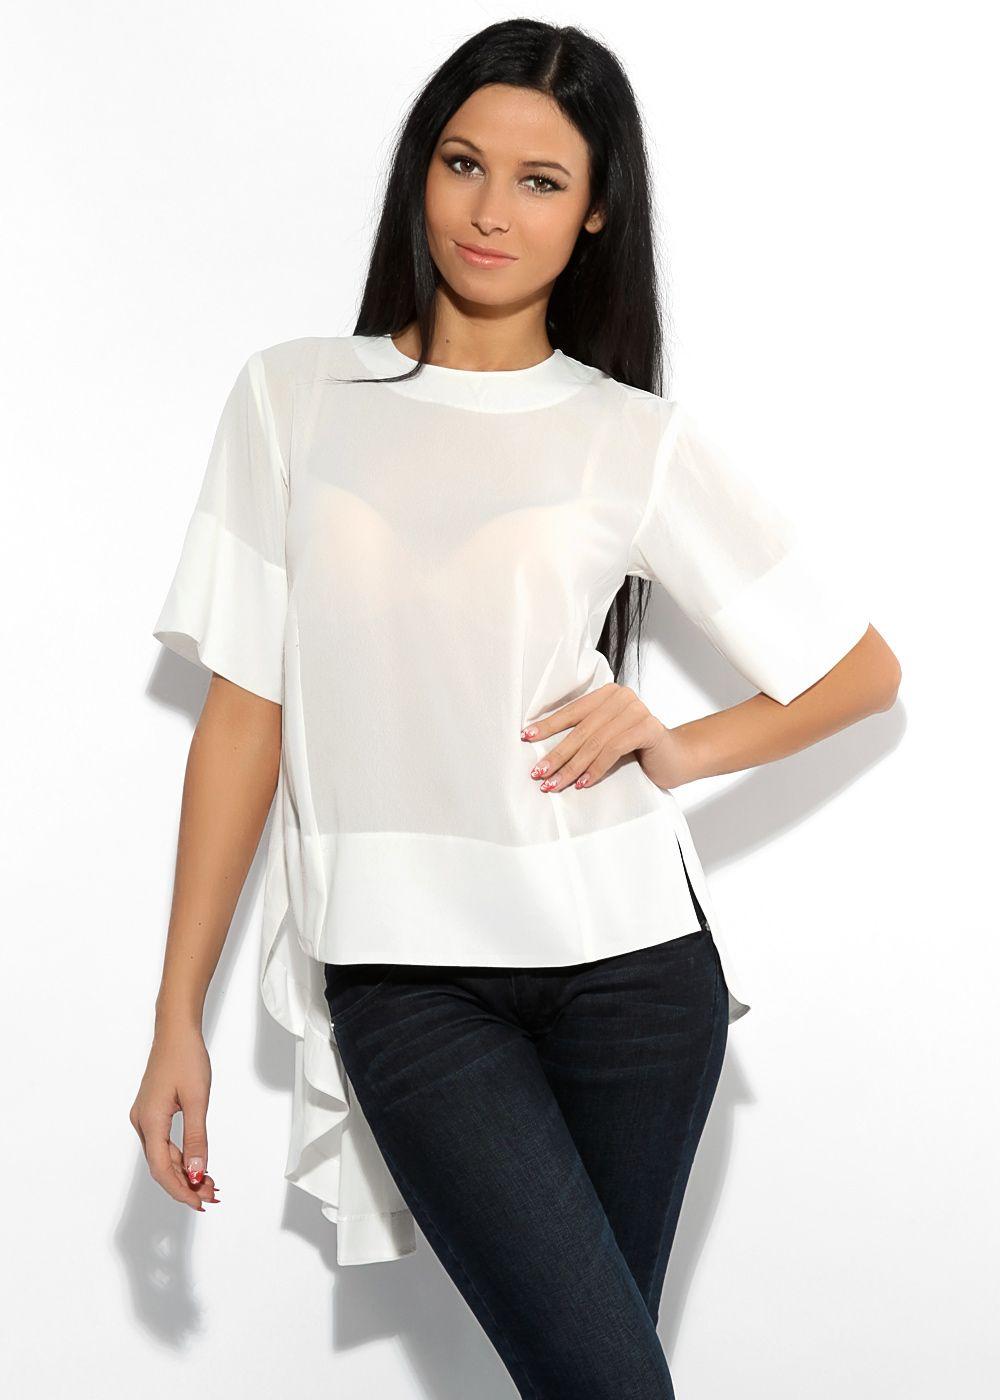 7840d36c7635 блузки и женские рубашки: 21 тыс изображений найдено в Яндекс.Картинках